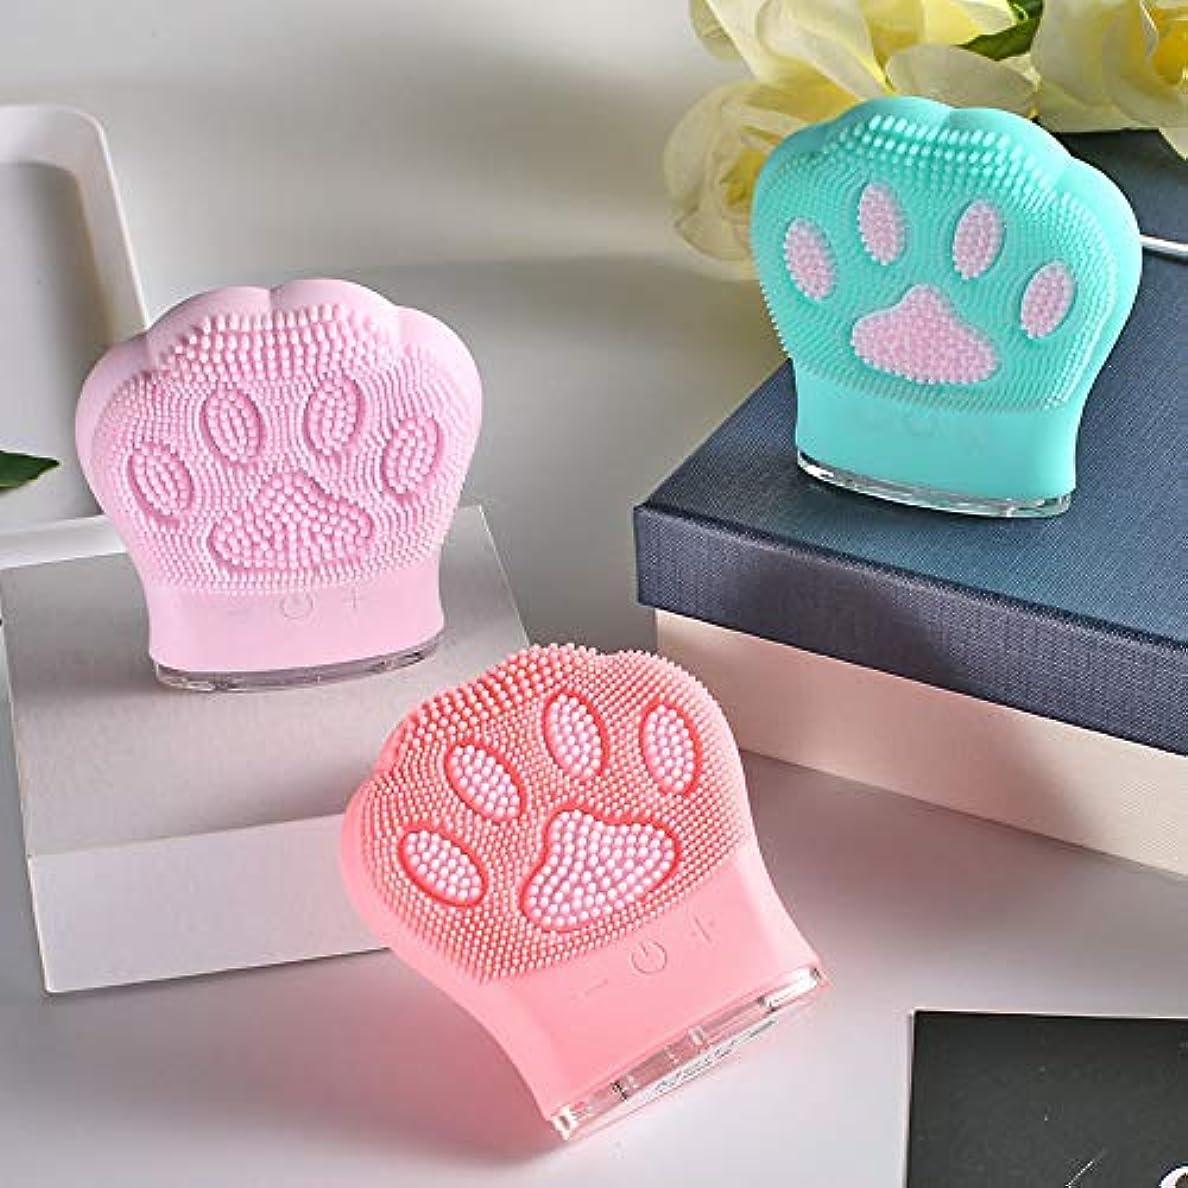 地震エンターテインメント保険をかけるZXF 新しい猫の爪形状シリコーンクレンジング楽器超音波充電洗顔器具ガールフレンド小さなギフト洗浄ブラシピンク赤青セクション 滑らかである (色 : Pink)